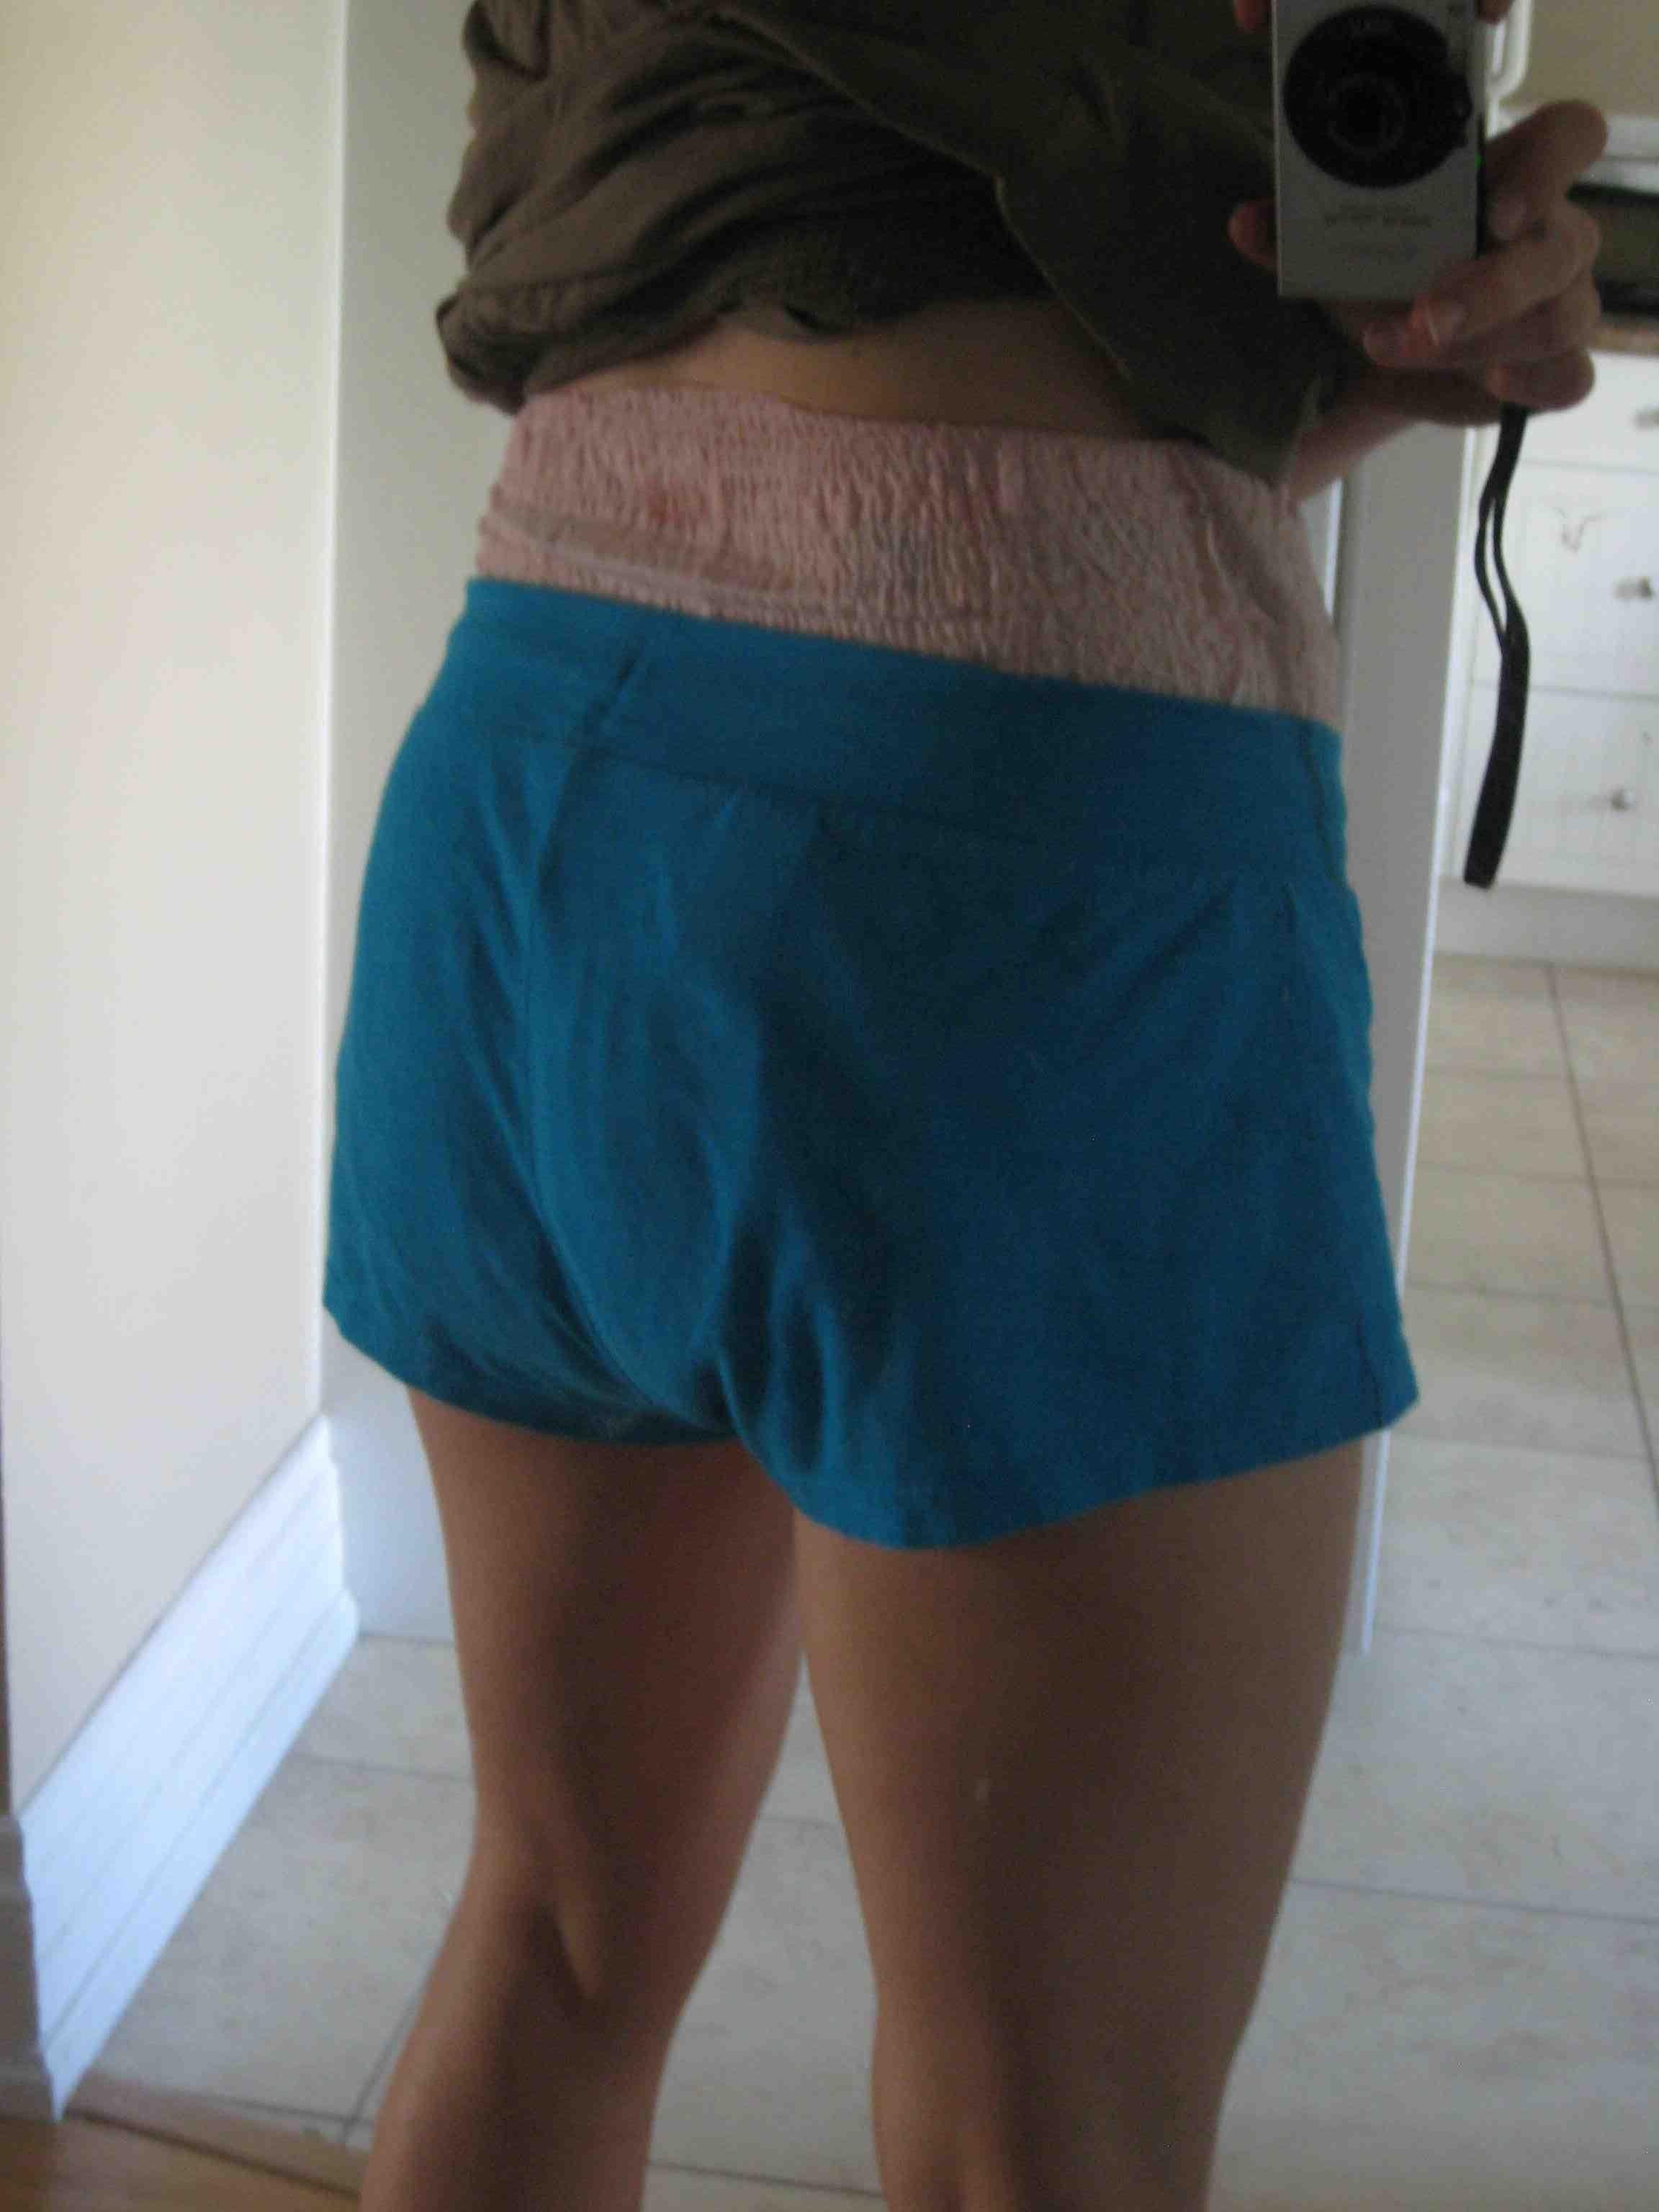 Teen girl naked ass